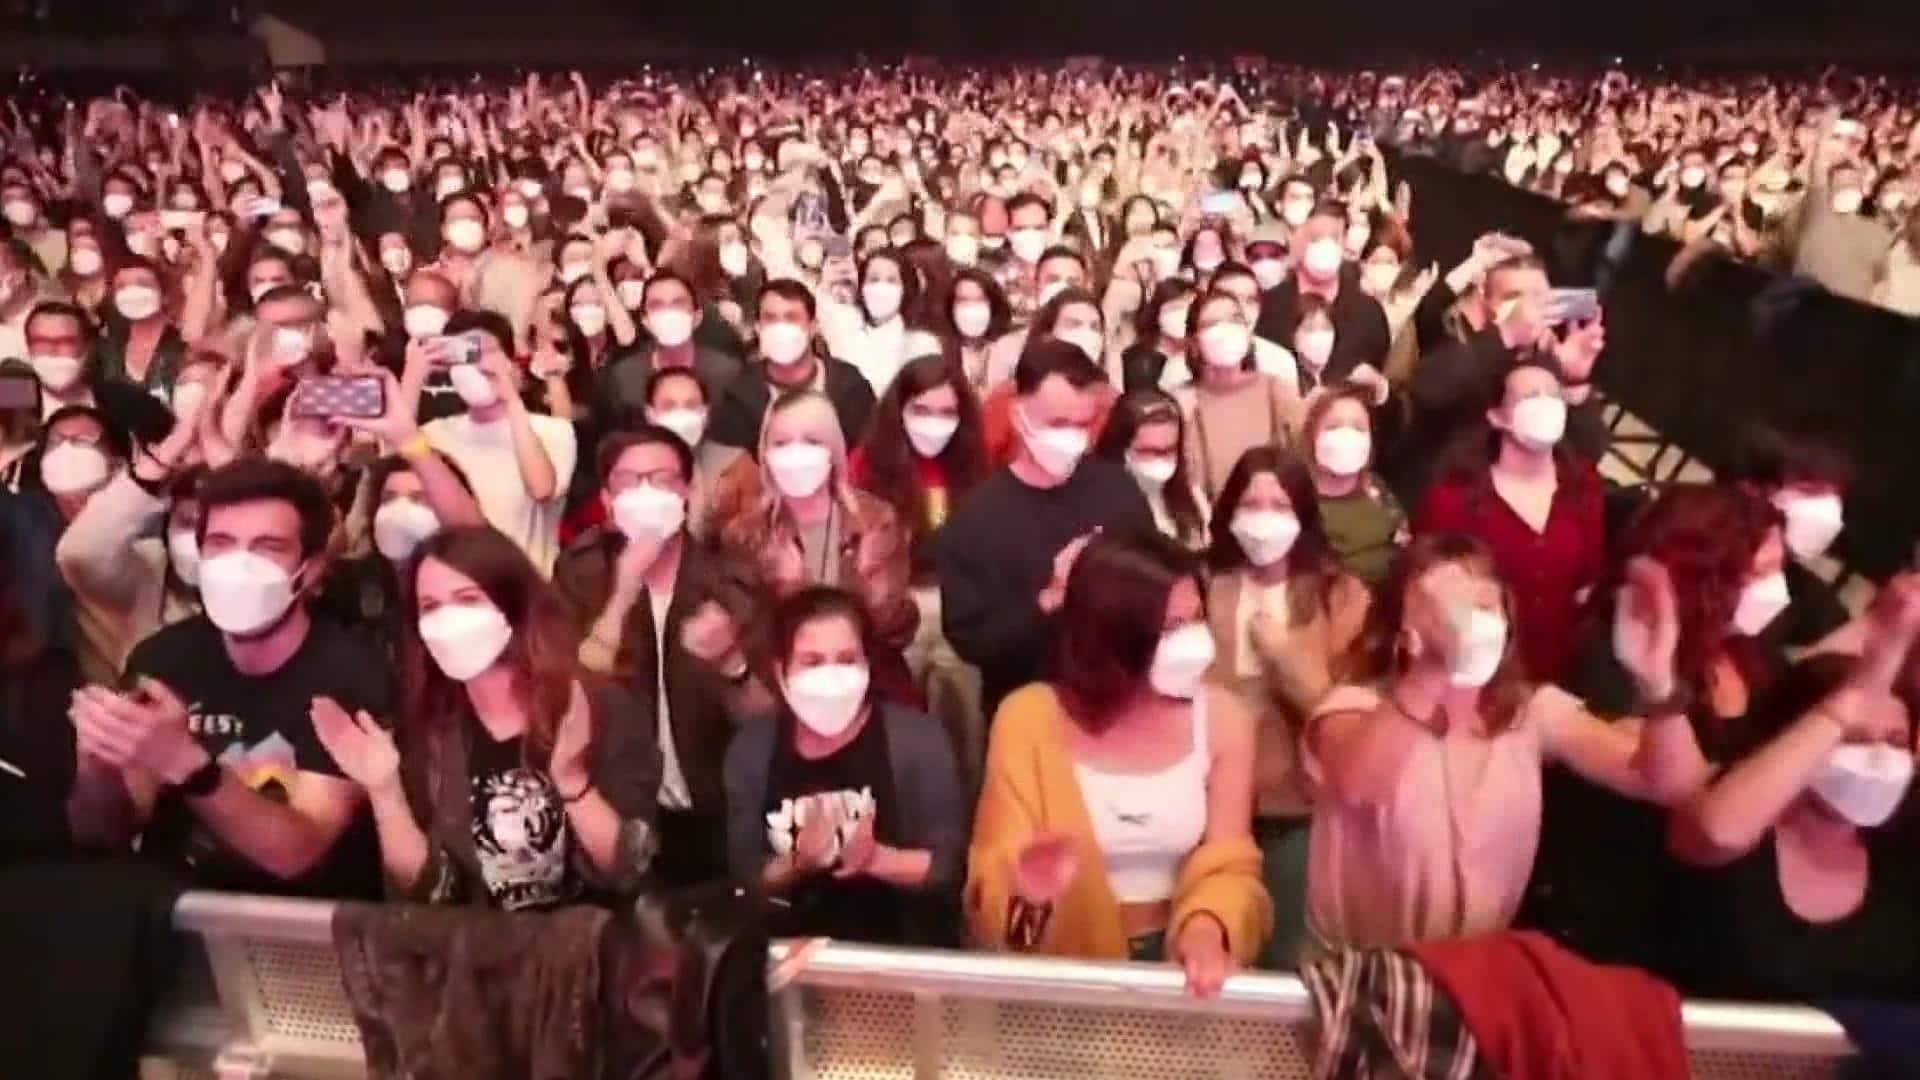 İspanya'da 5 bin kişinin katıldığı sosyal mesafesiz konser